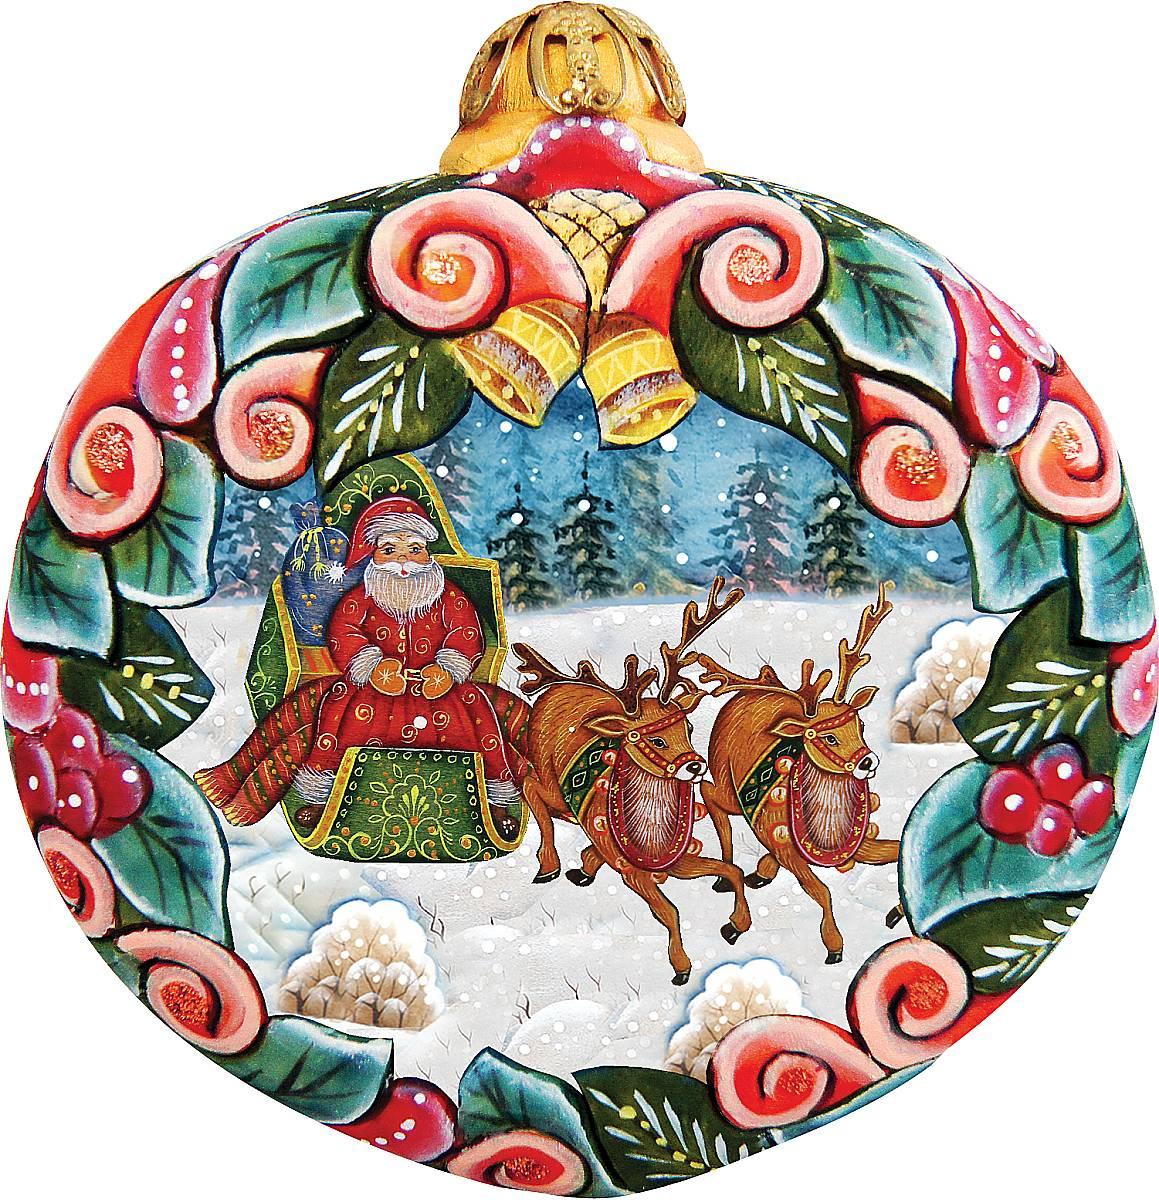 Украшение новогоднее подвесное Mister Christmas, высота 10 см. US 610313SM-25AКоллекционное украшение Mister Christmas прекрасно подойдет для праздничного декора вашего дома. Изделие выполнено из полистоуна и креплением для подвешивания на елку. Новогодние украшения несут в себе волшебство и красоту праздника. Они помогут вам украсить дом к предстоящим праздникам и оживить интерьер. Создайте в доме атмосферу тепла, веселья и радости, украшая его всей семьей.Кроме того, такая игрушка станет приятным подарком, который надолго сохранит память этого волшебного времени года.Высота украшения: 10 см.